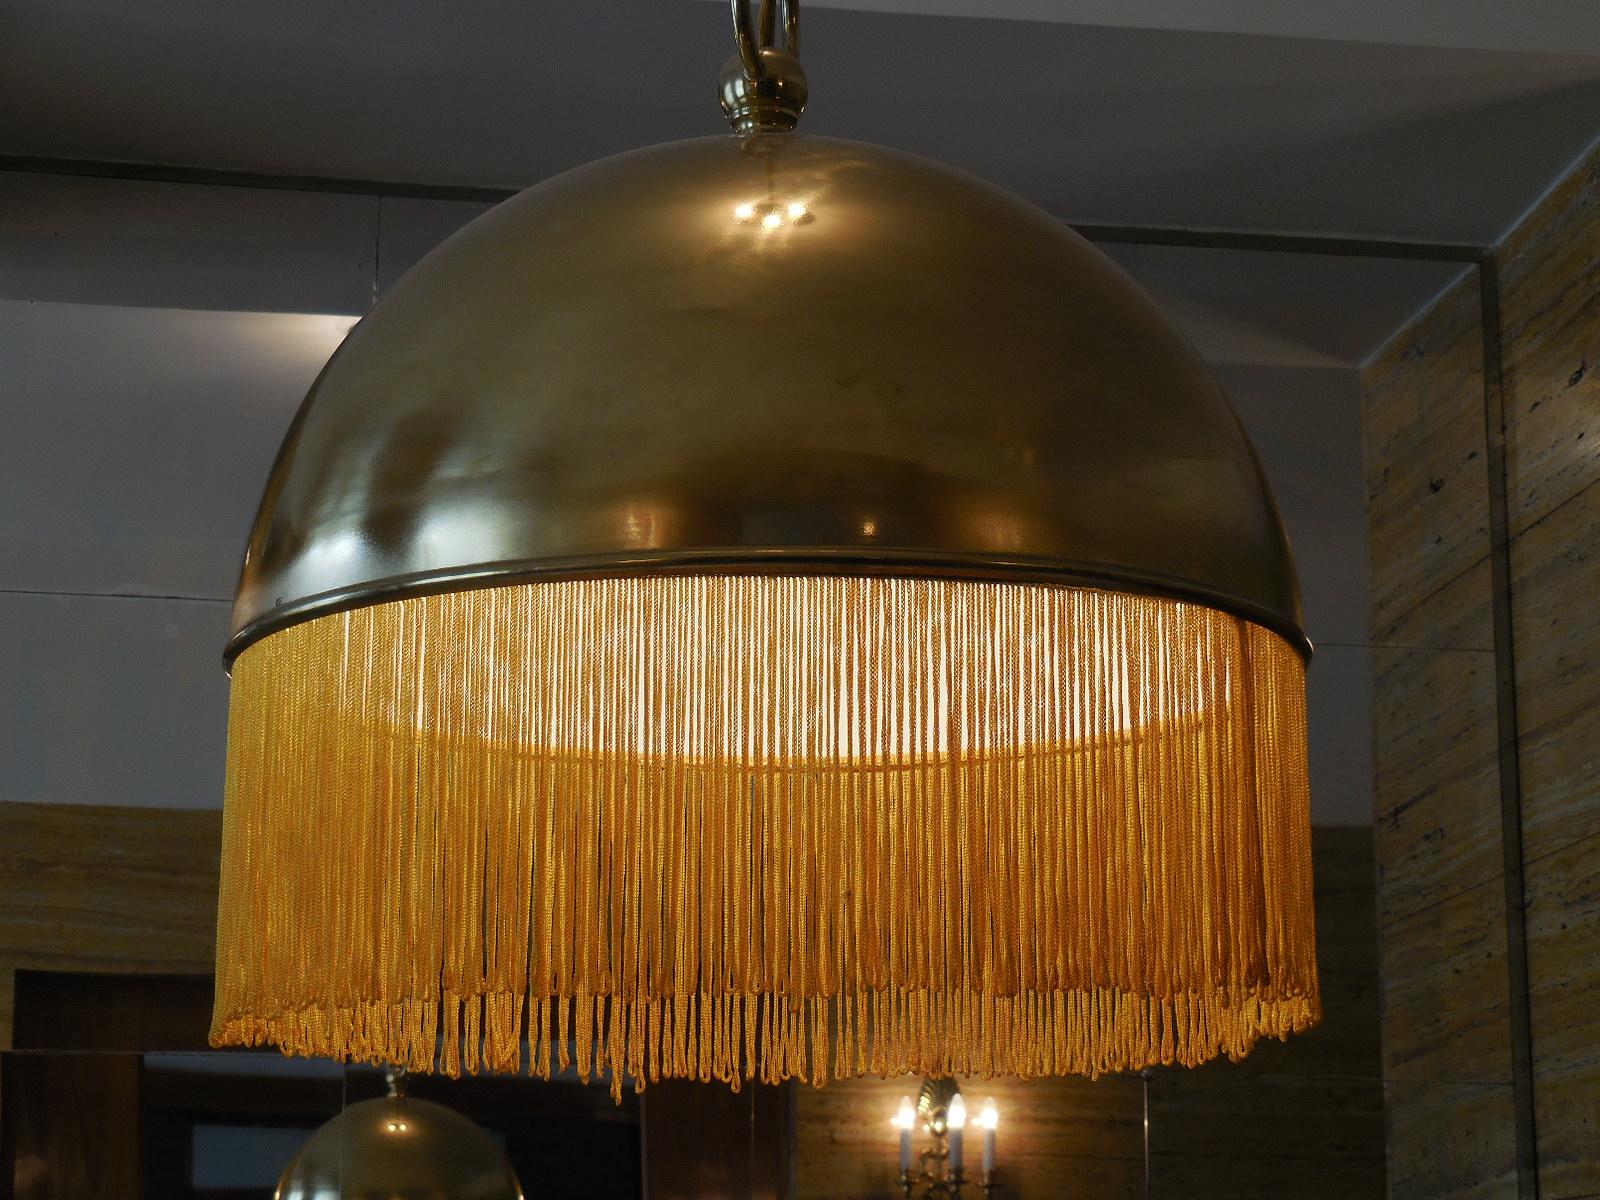 PilsenLoosintlamp